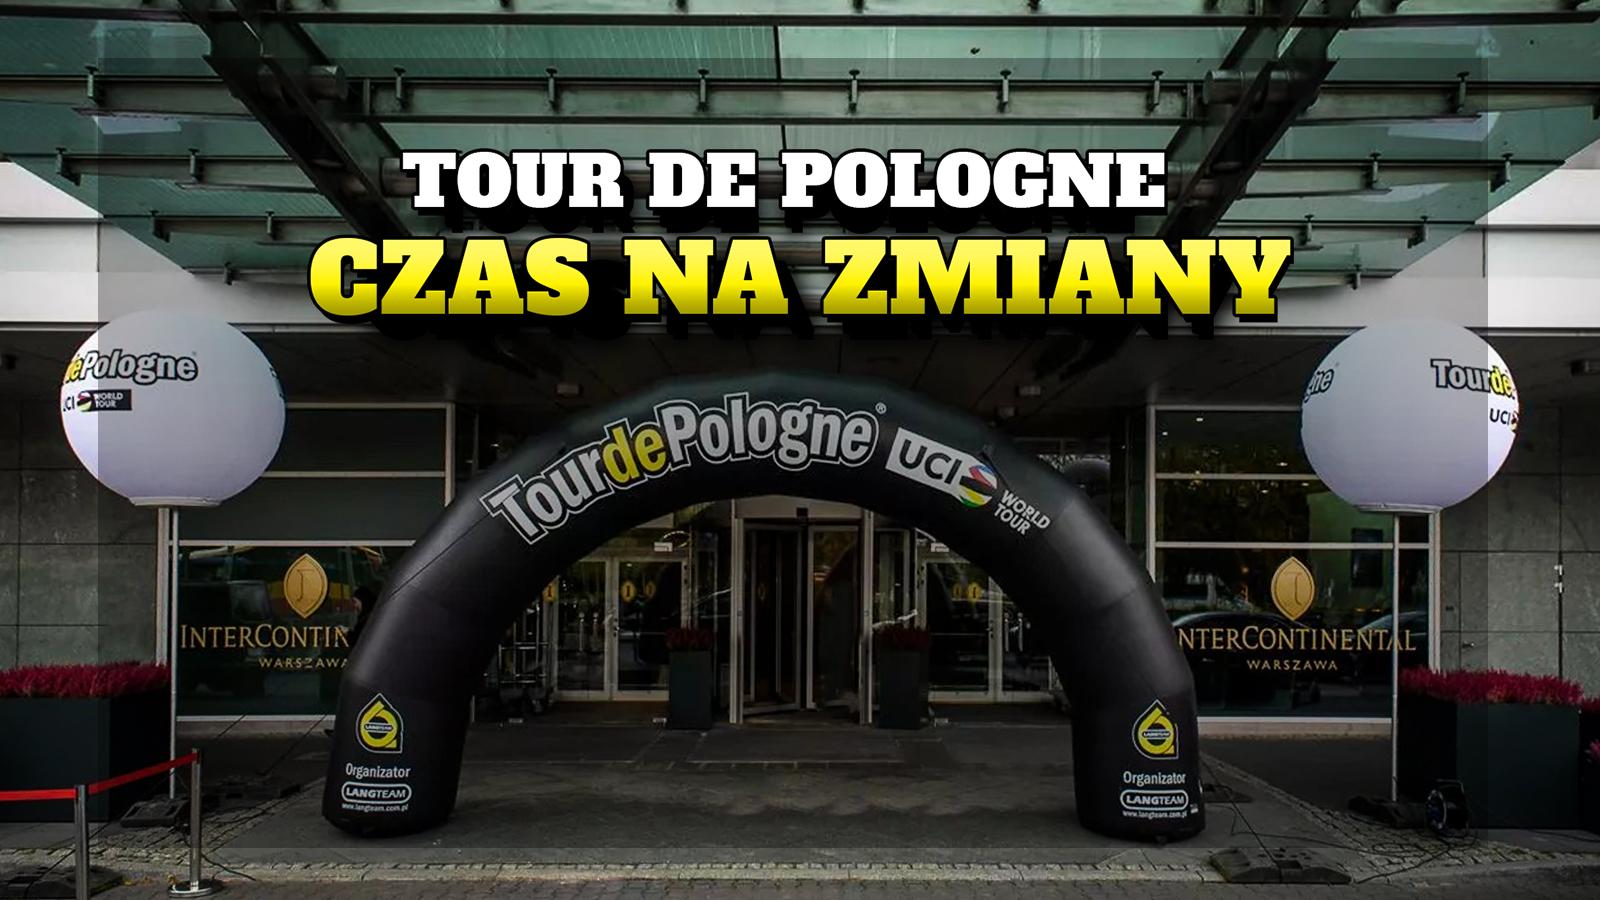 Tour de Pologne - czas na zmiany. Ileż można jeździć po tych samych drogach?